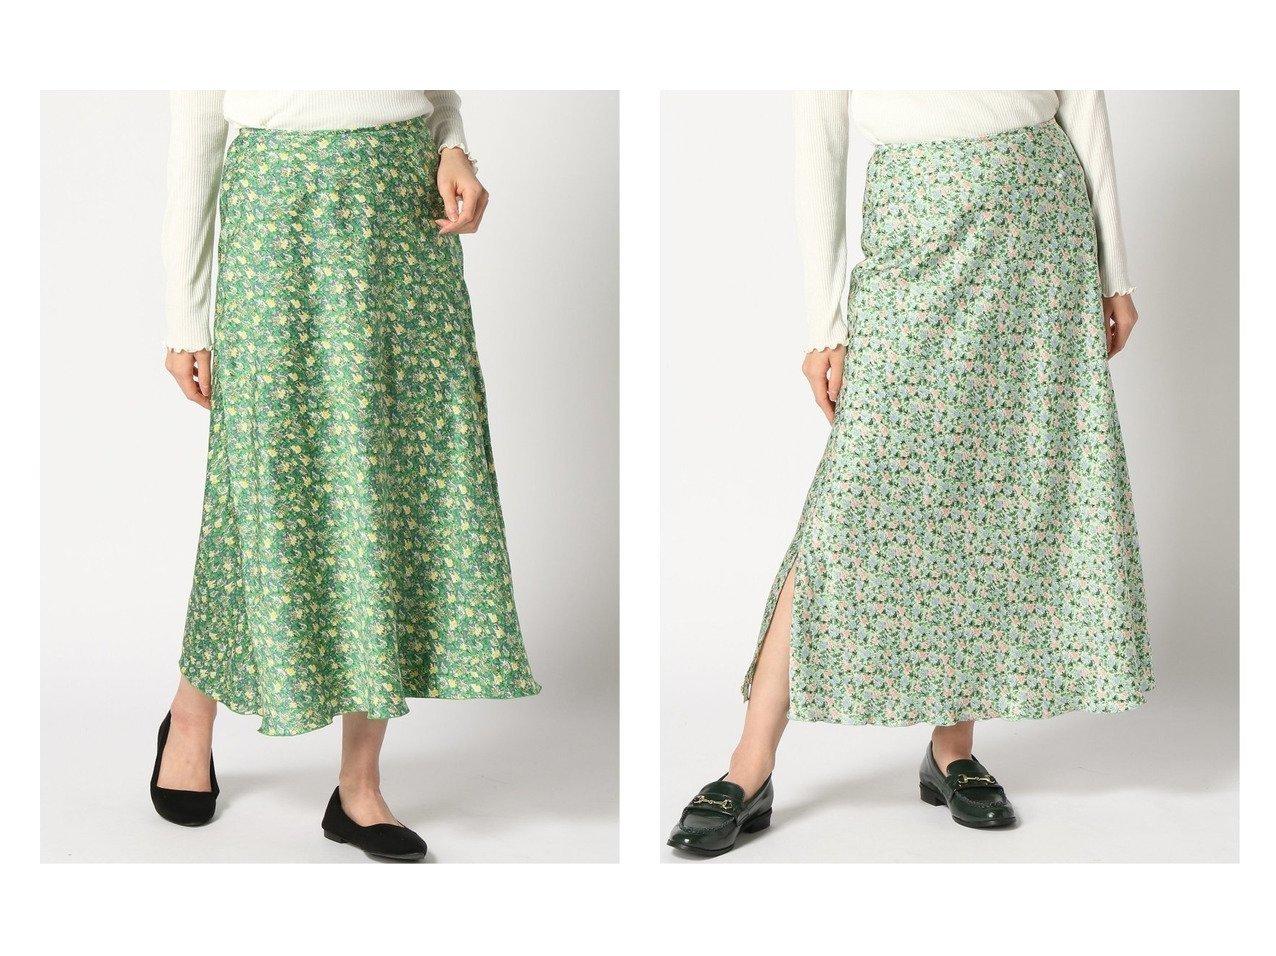 【IENA/イエナ】のウィステリア フラワースリットSK スカートのおすすめ!人気、トレンド・レディースファッションの通販 おすすめで人気の流行・トレンド、ファッションの通販商品 メンズファッション・キッズファッション・インテリア・家具・レディースファッション・服の通販 founy(ファニー) https://founy.com/ ファッション Fashion レディースファッション WOMEN スカート Skirt ロングスカート Long Skirt NEW・新作・新着・新入荷 New Arrivals 2021年 2021 2021 春夏 S/S SS Spring/Summer 2021 S/S 春夏 SS Spring/Summer グラデーション サテン スリット フラワー ロング 定番 Standard |ID:crp329100000024490